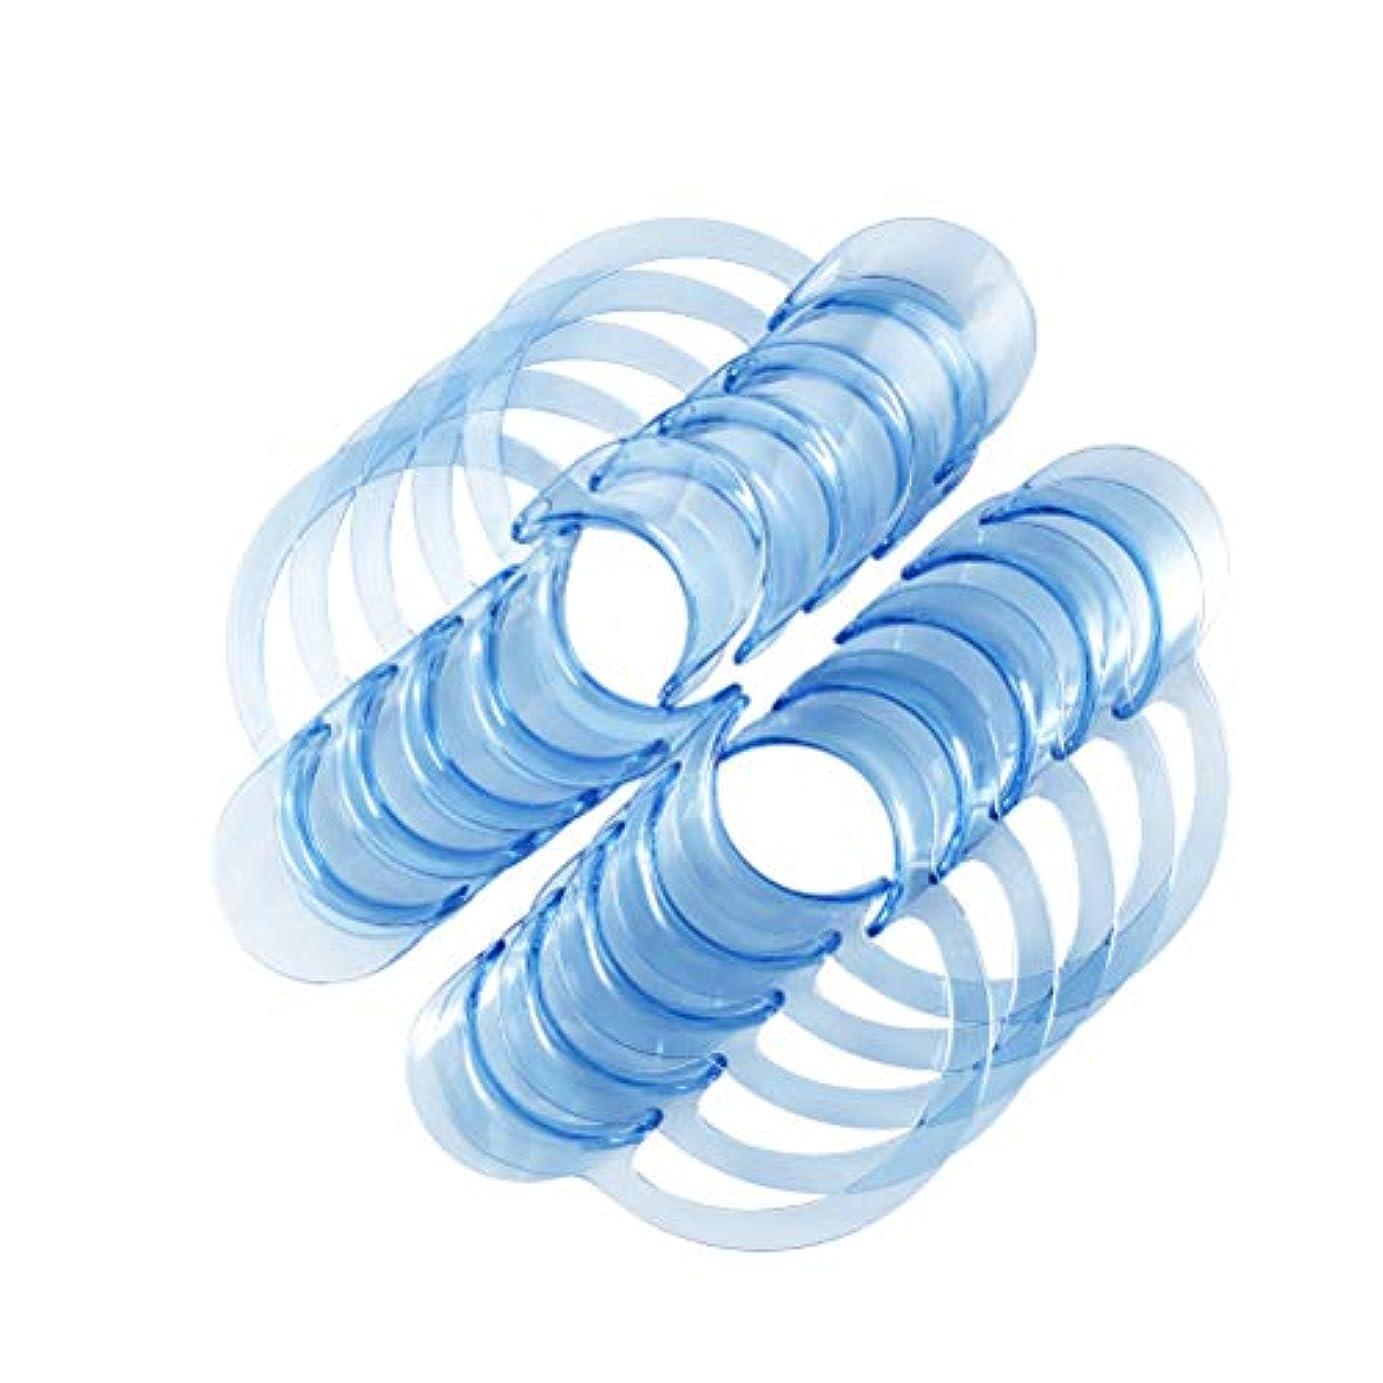 ライナー実験金貸しSUPVOX 30個入りC字型歯科口オープナーマウスガードチャレンジゲームまたは歯科用ホワイト - L(ブルー)